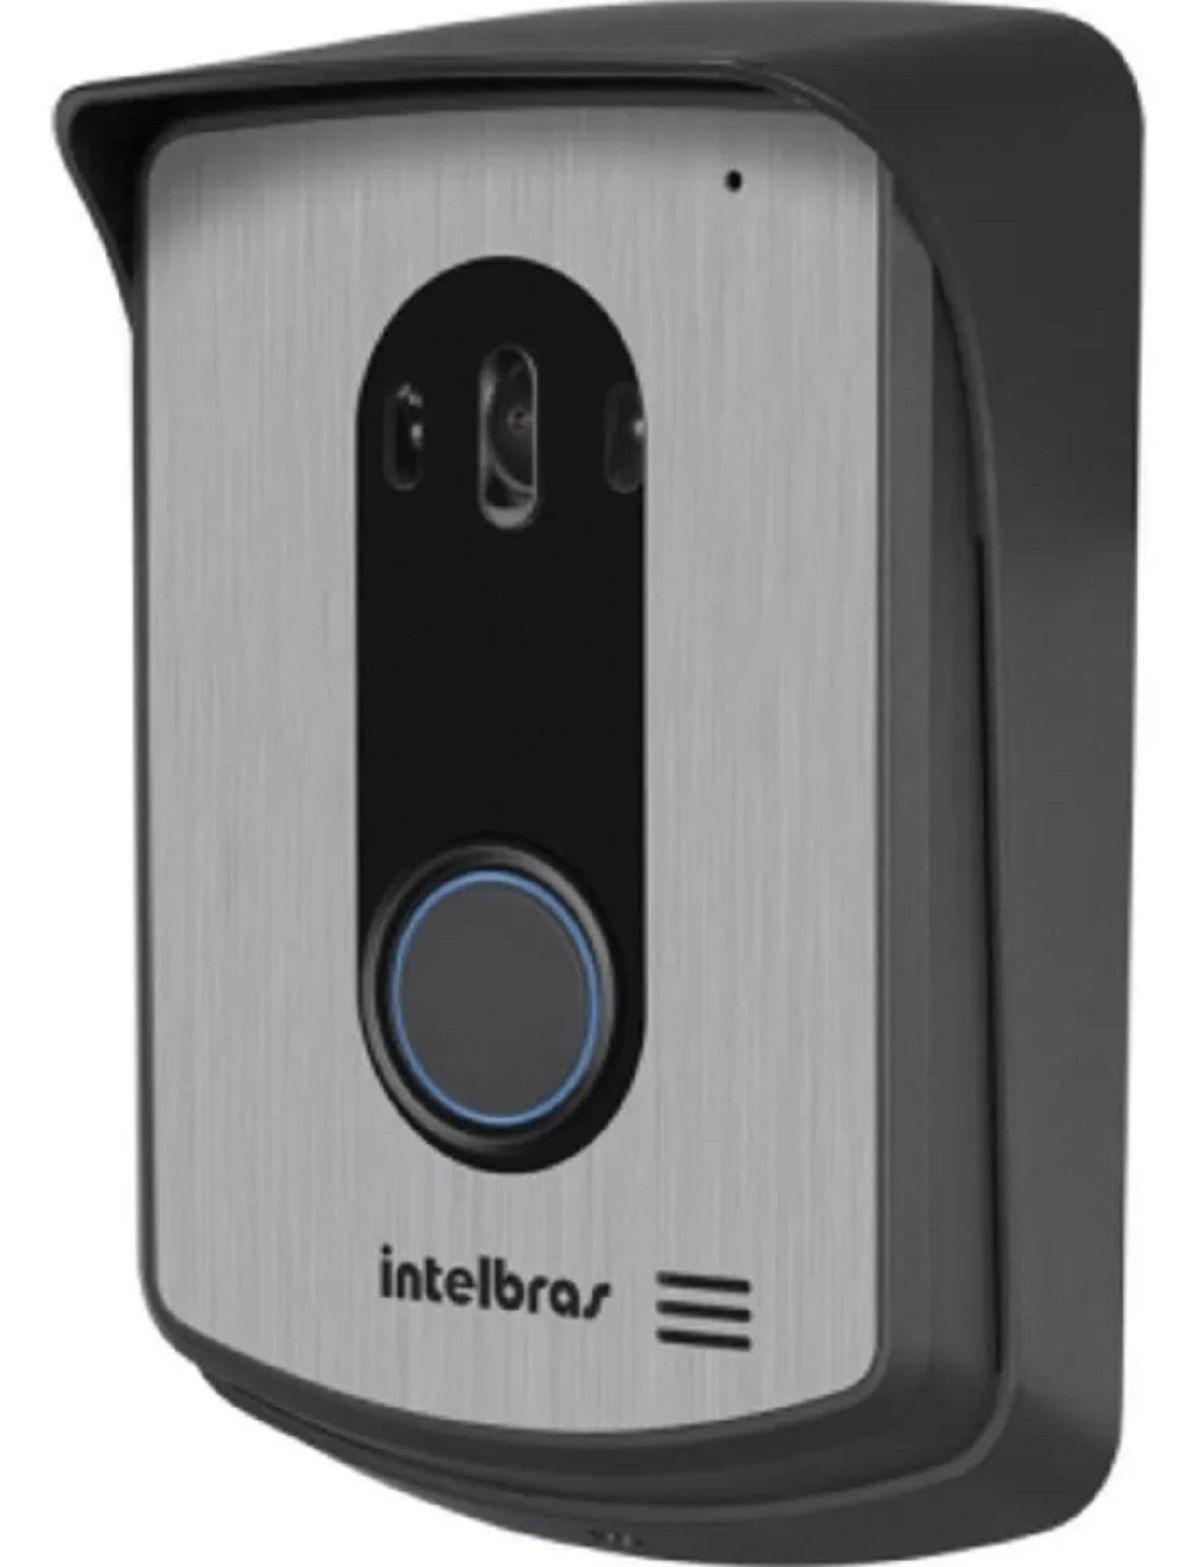 Kit Vídeo Porteiro Intelbras Iv7010 Com 2 Cameras Fechadura